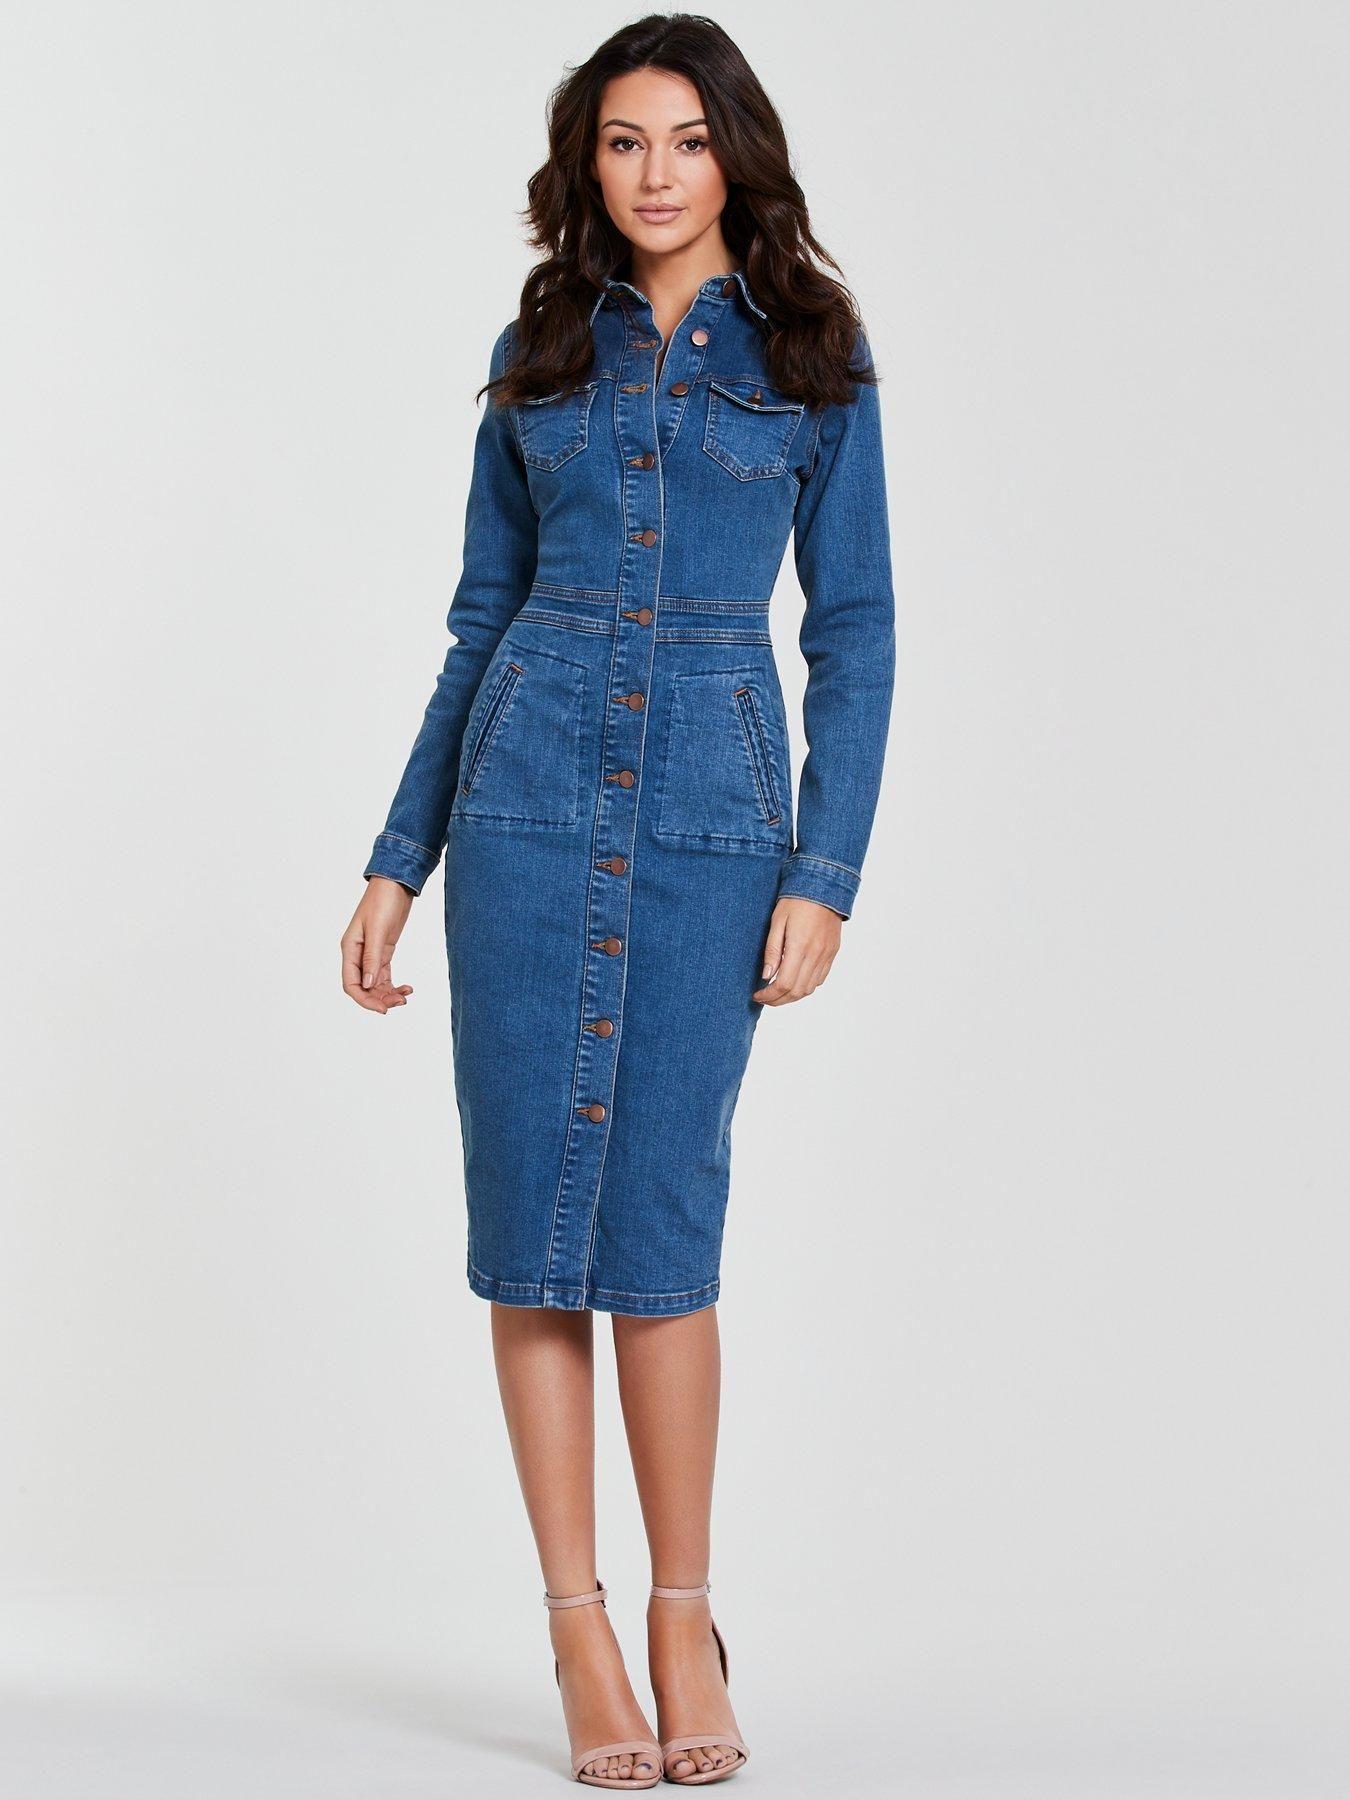 24+ Long sleeve denim dress ideas in 2021